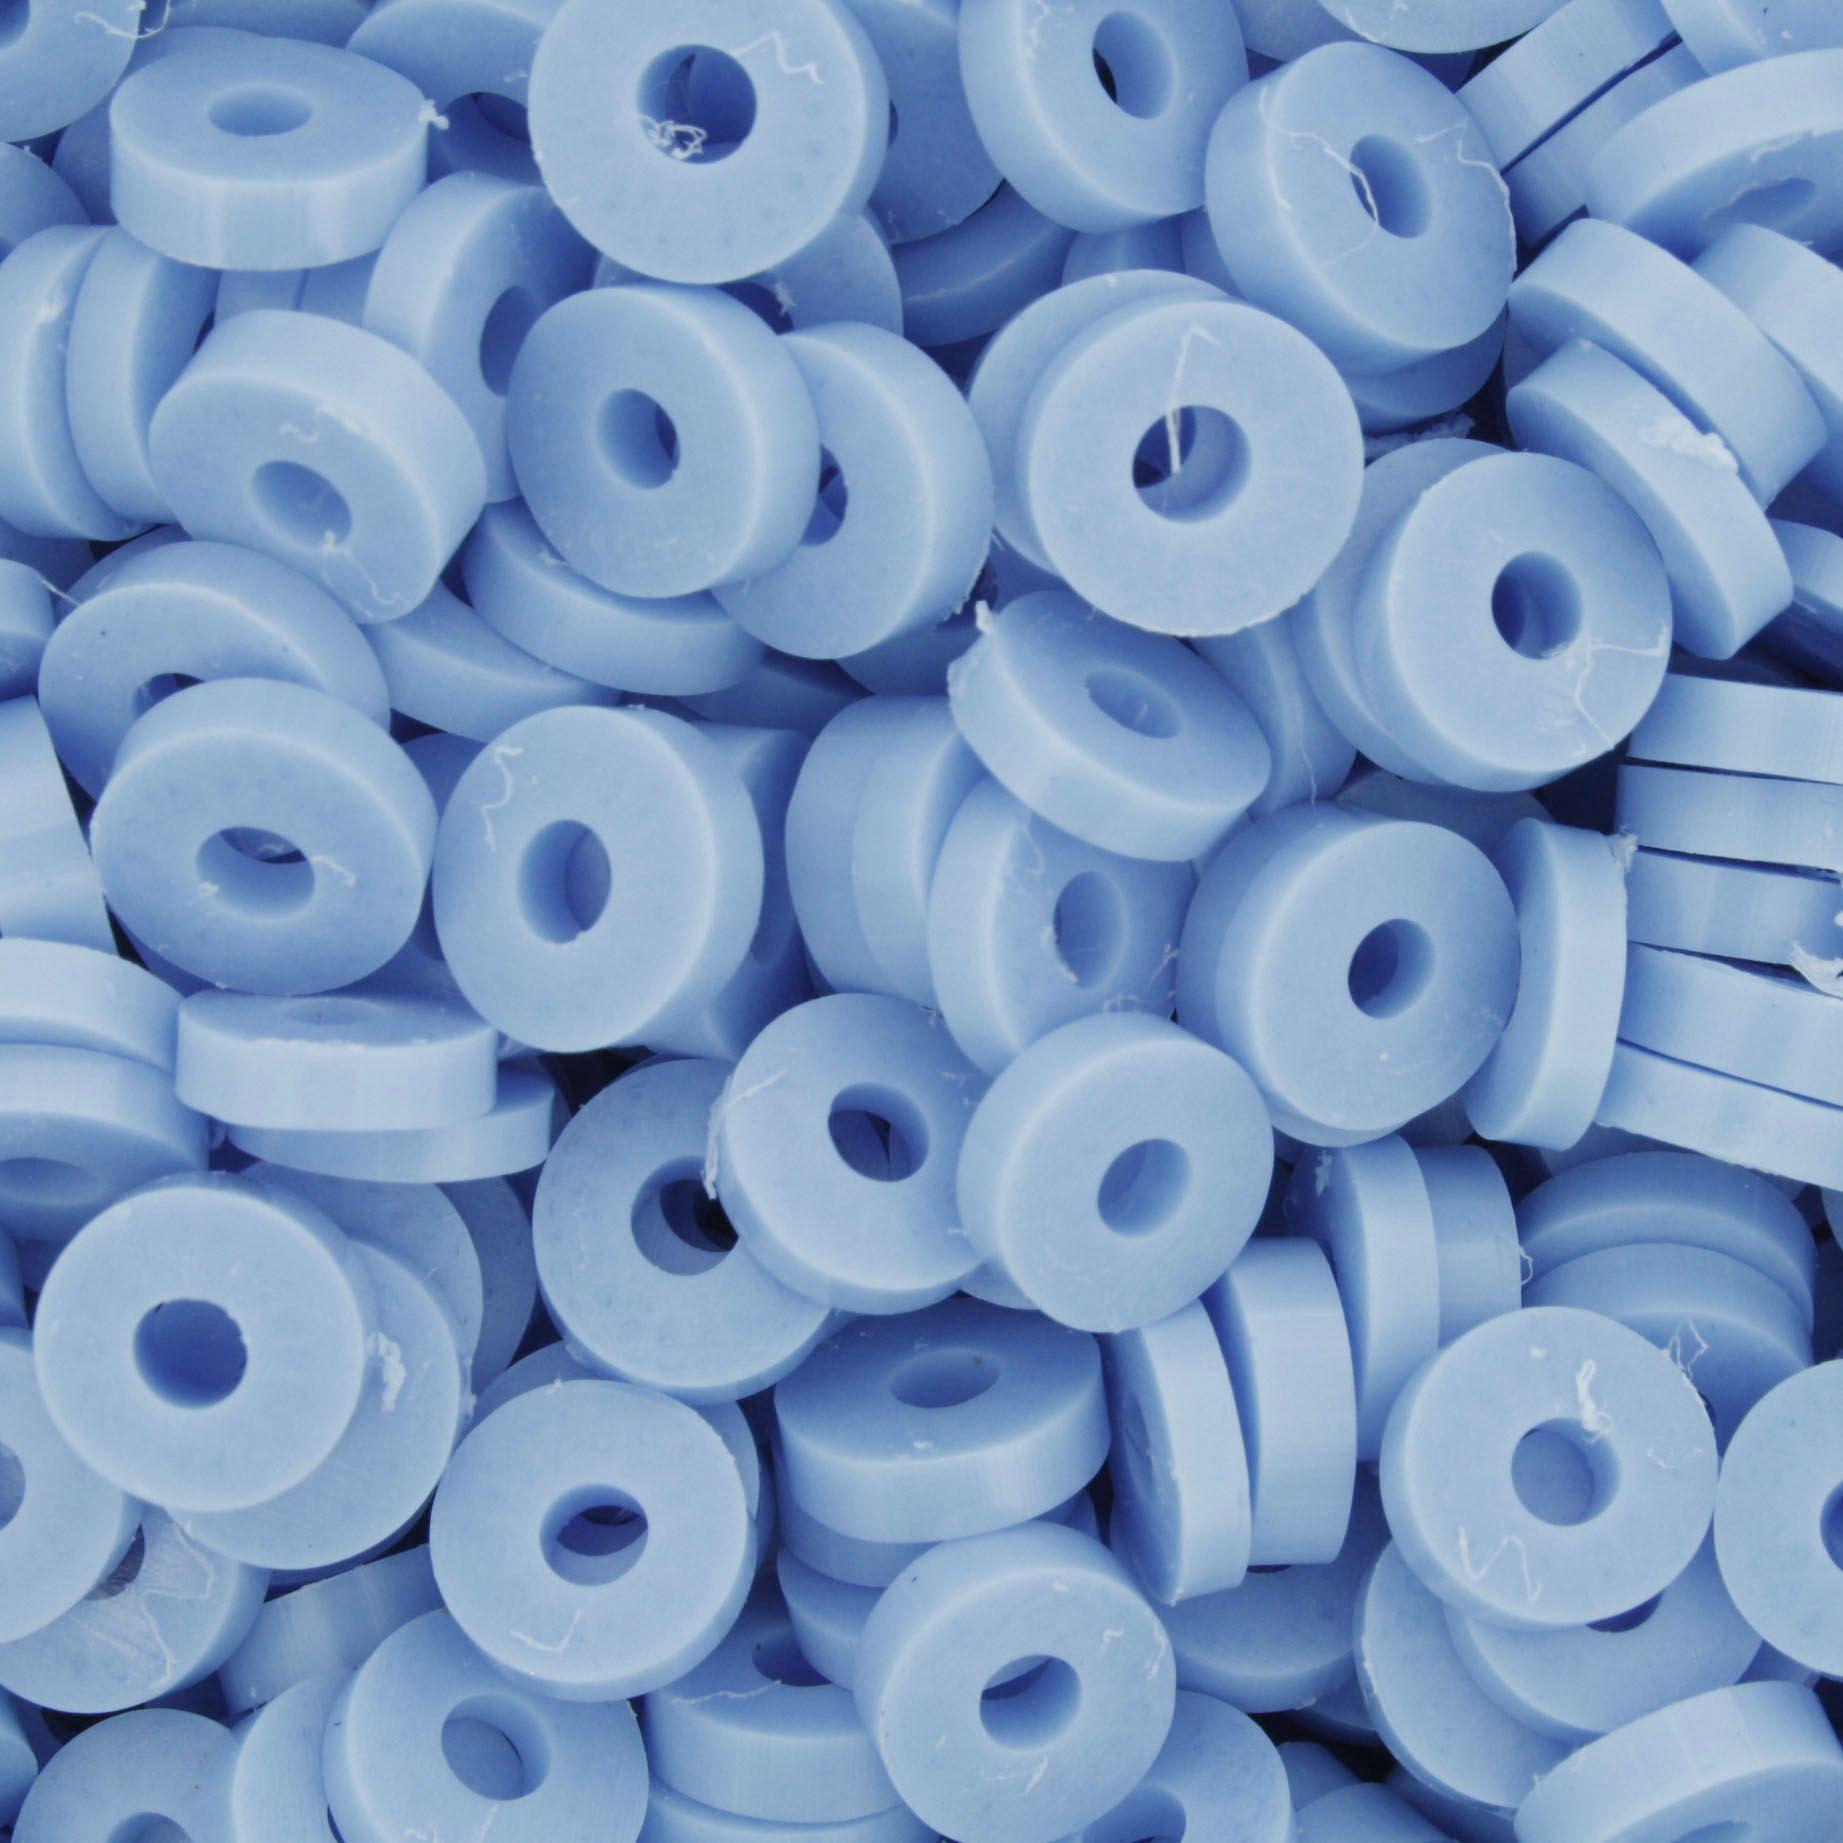 Disquinho - Azul Claro - 7mm  - Stéphanie Bijoux® - Peças para Bijuterias e Artesanato